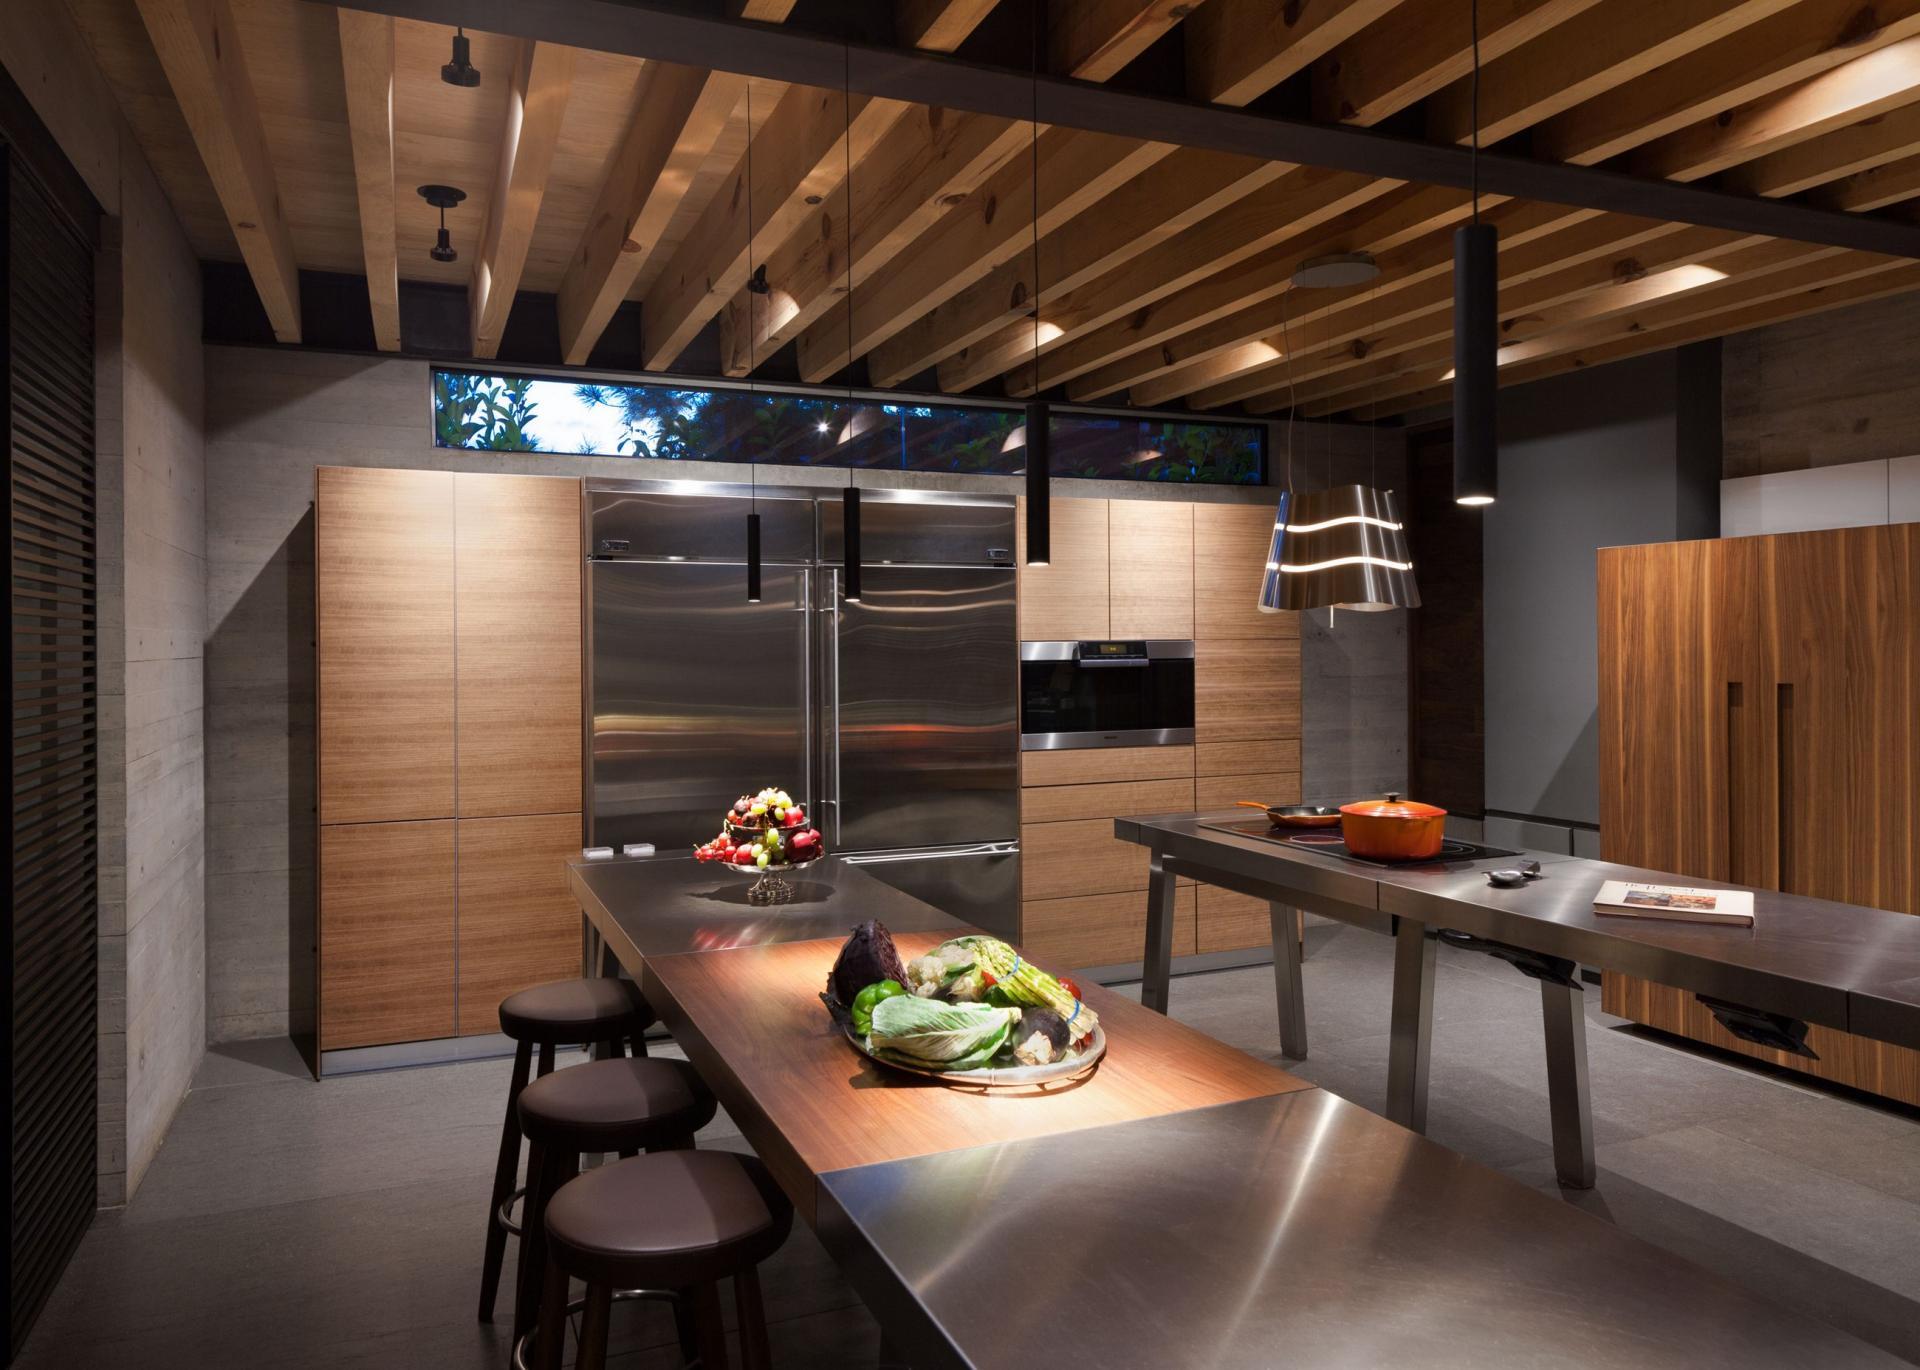 Casa Tepozcuautla - kitchen and bar